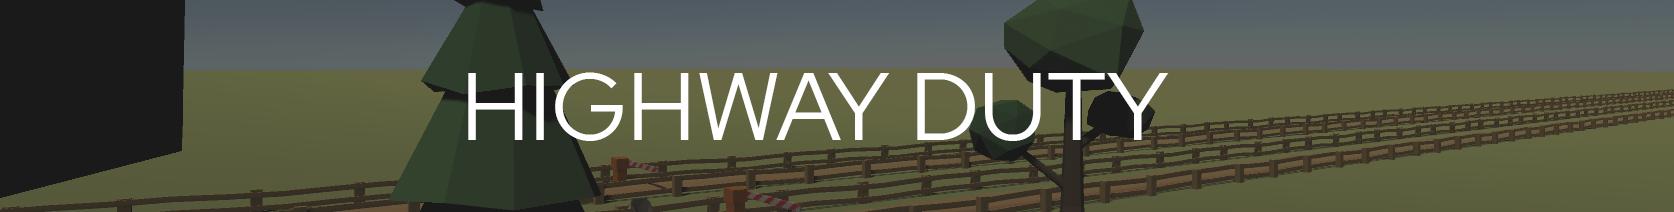 Highway Duty